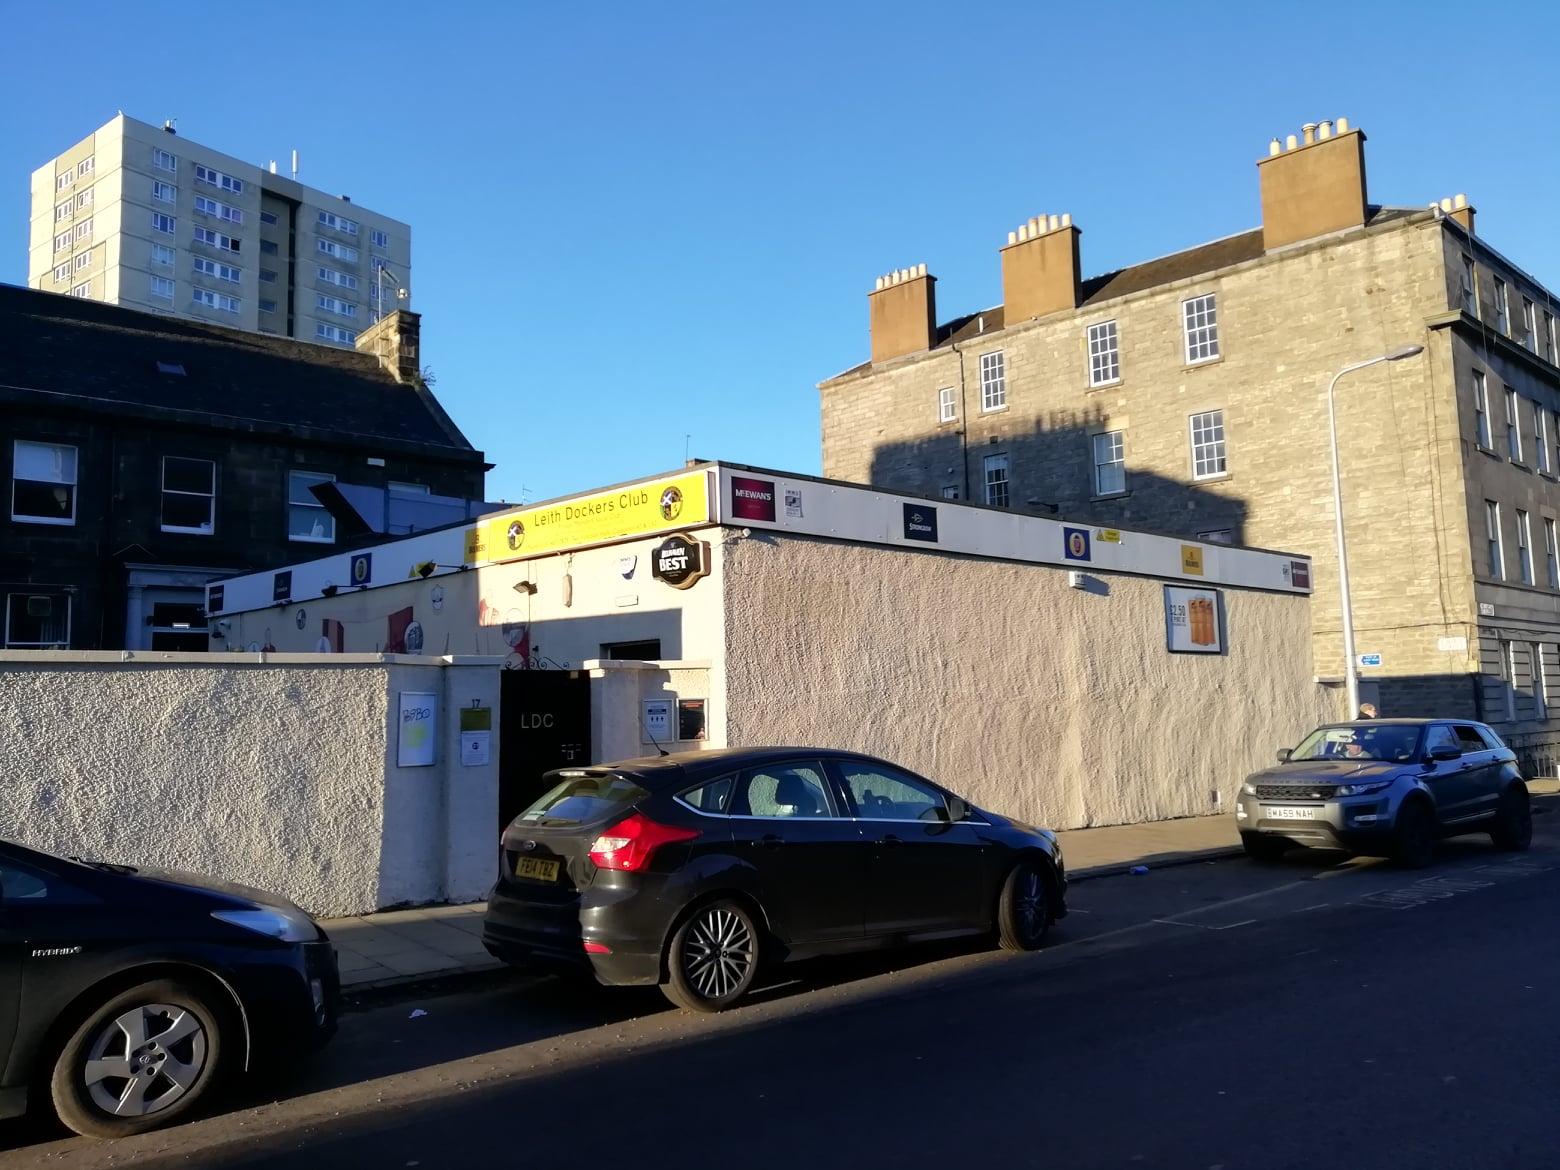 Leith Dockers Club, Academy Street, Leith